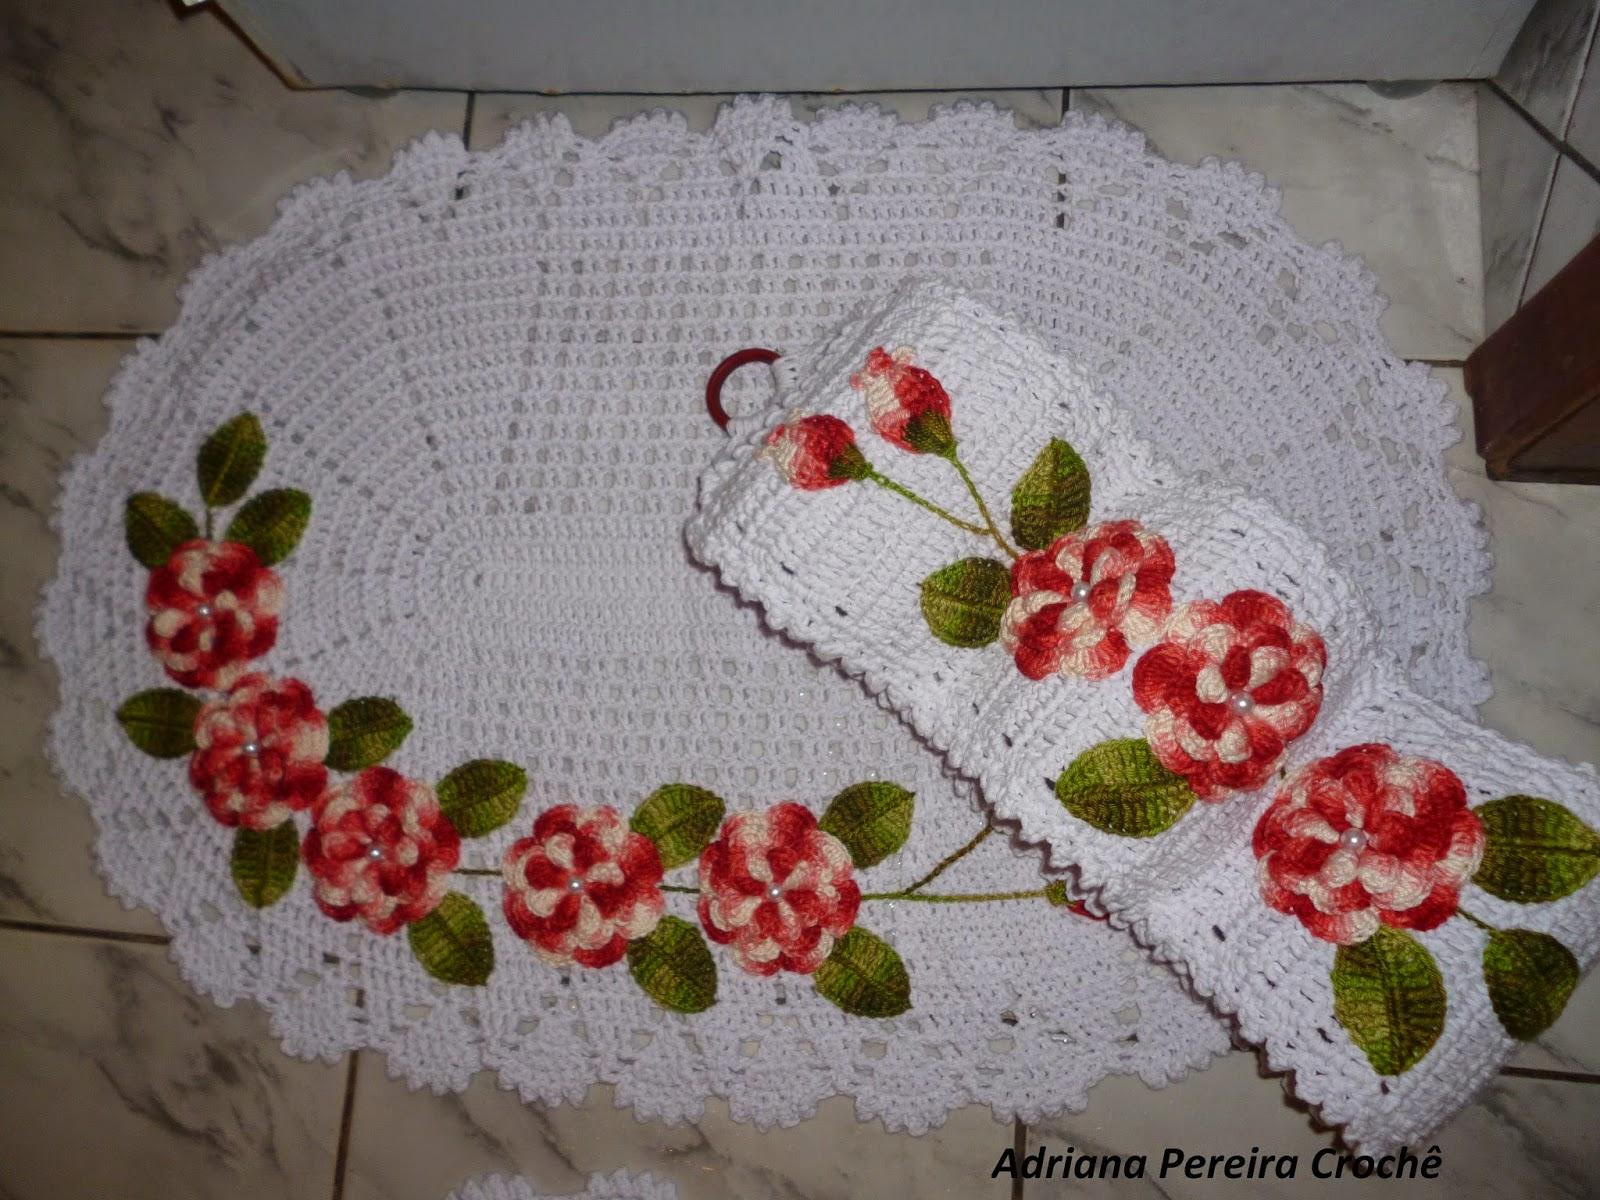 Adriana Pereira Crochê: Jogo de Banheiro Com Flores